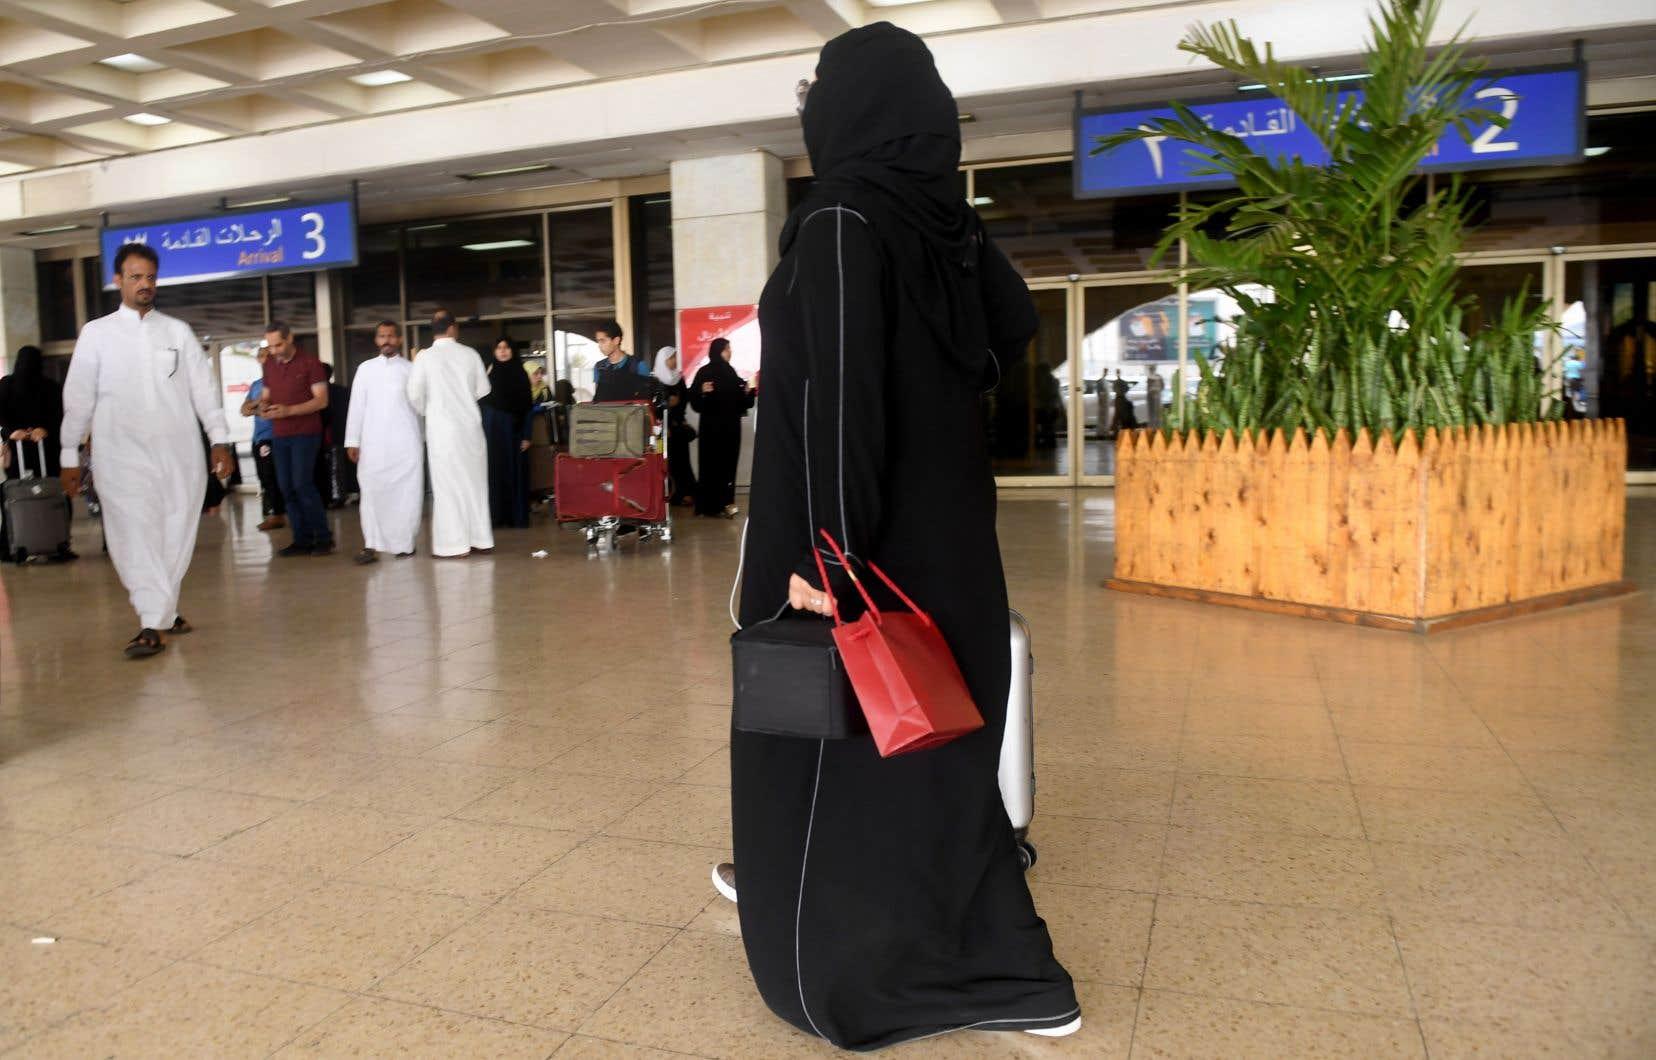 L'administration saoudienne a commencé mardi «à recevoir des demandes de femmes âgées de 21 ans et plus pour obtenir ou renouveler un passeport et voyager hors du royaume sans permission».